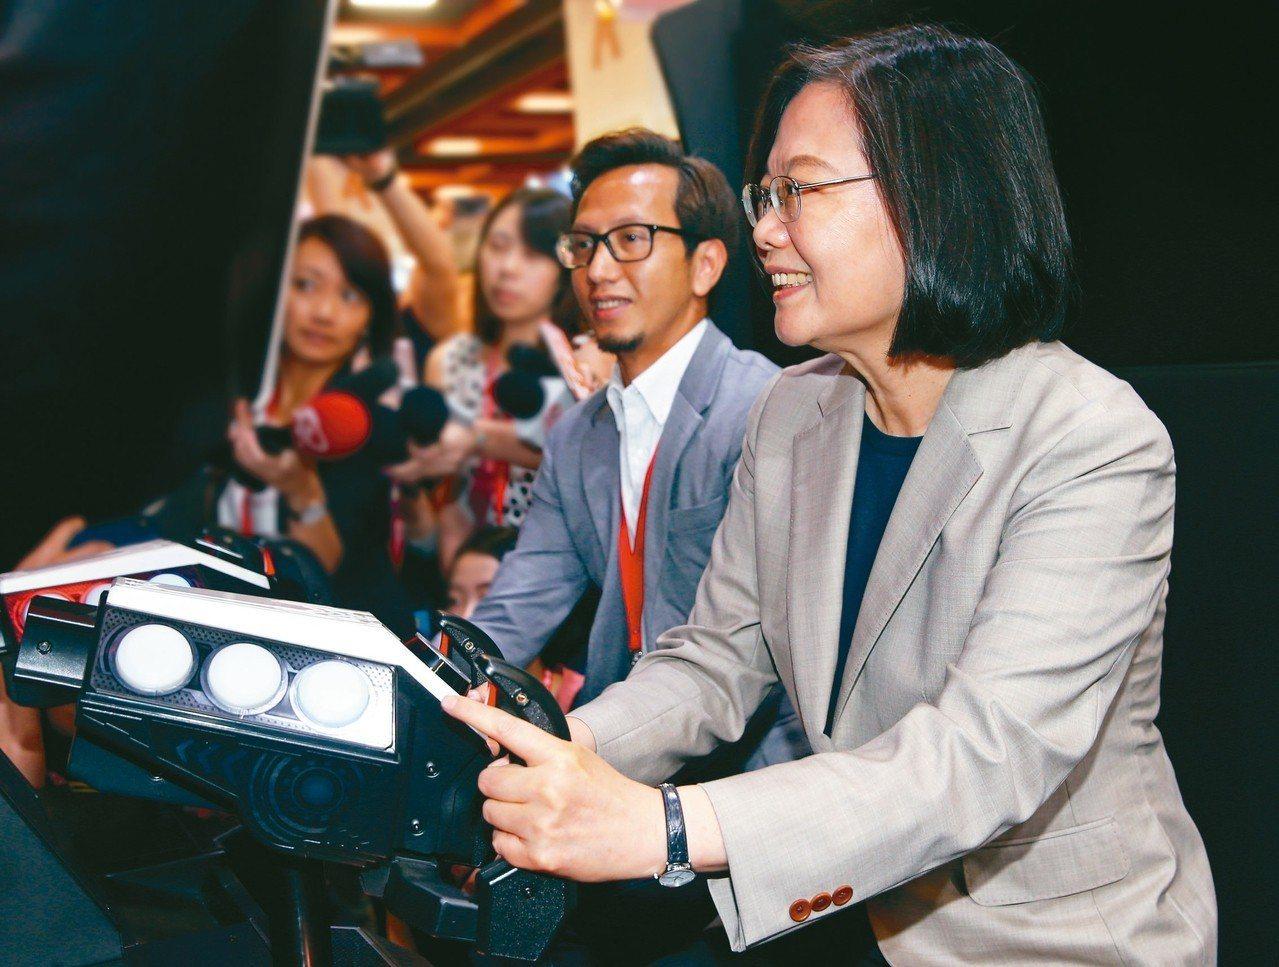 蔡英文總統(右)昨天前往台北世貿參觀台灣電子遊戲機國際產業展,蔡總統在開幕式後走...